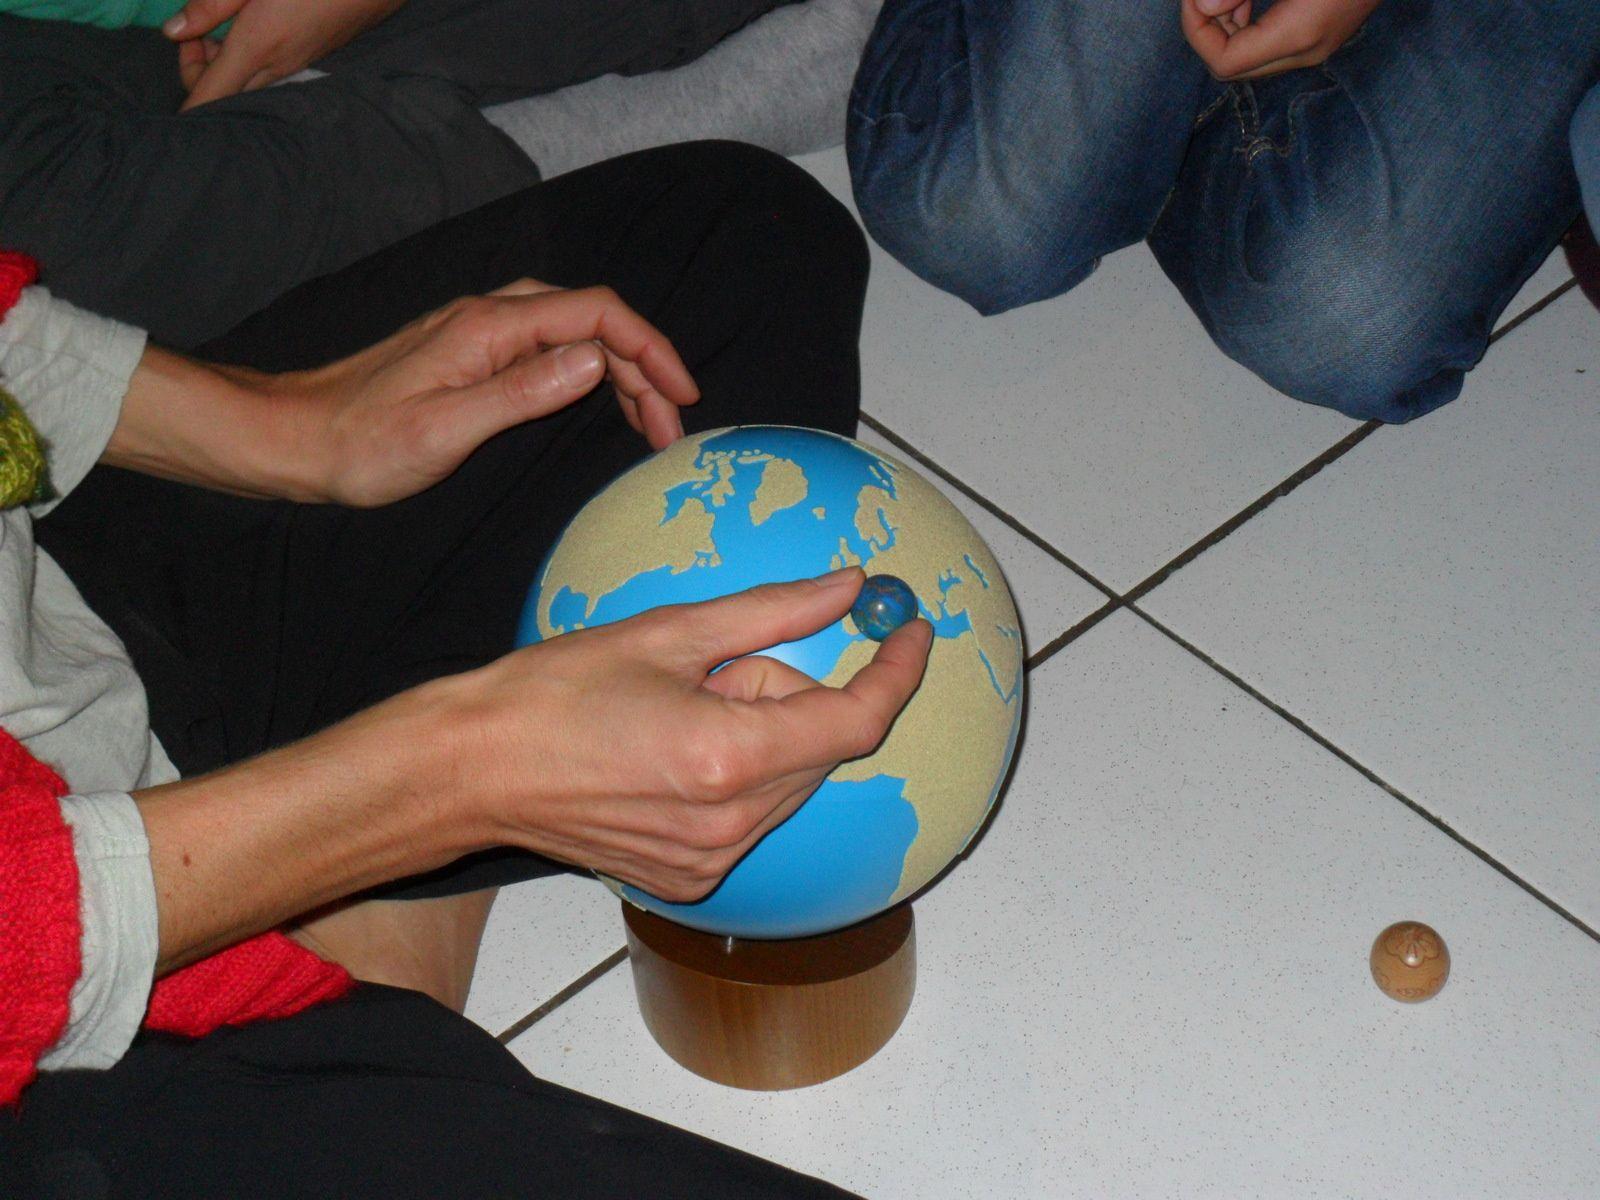 Si on prenait toute l'eau de la terre (l'eau des mers, des océans, des glaciers, des lacs, etc), ça ferait une boule un peu plus petite.